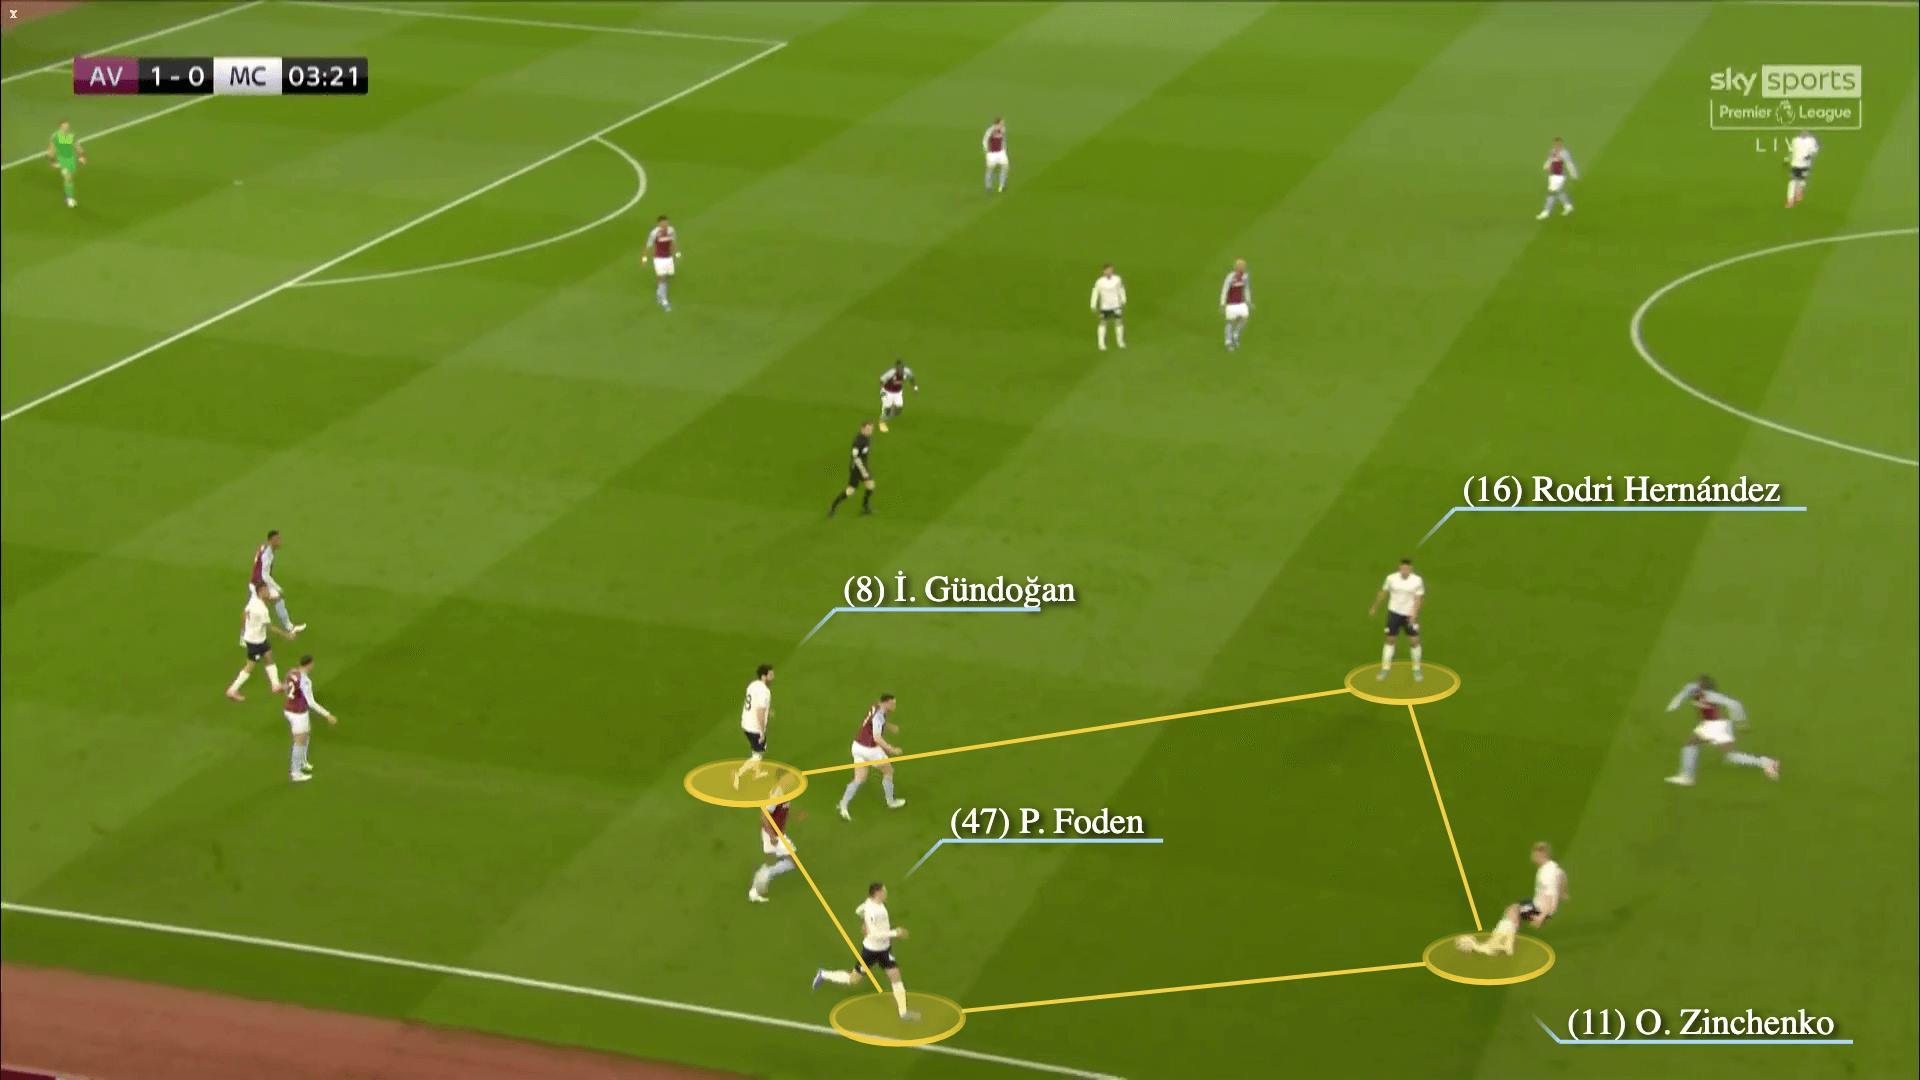 Sebuah situasi menggambarkan bahwa pendukung Man City memegang bola di tepi dan mengatur empat pemain.